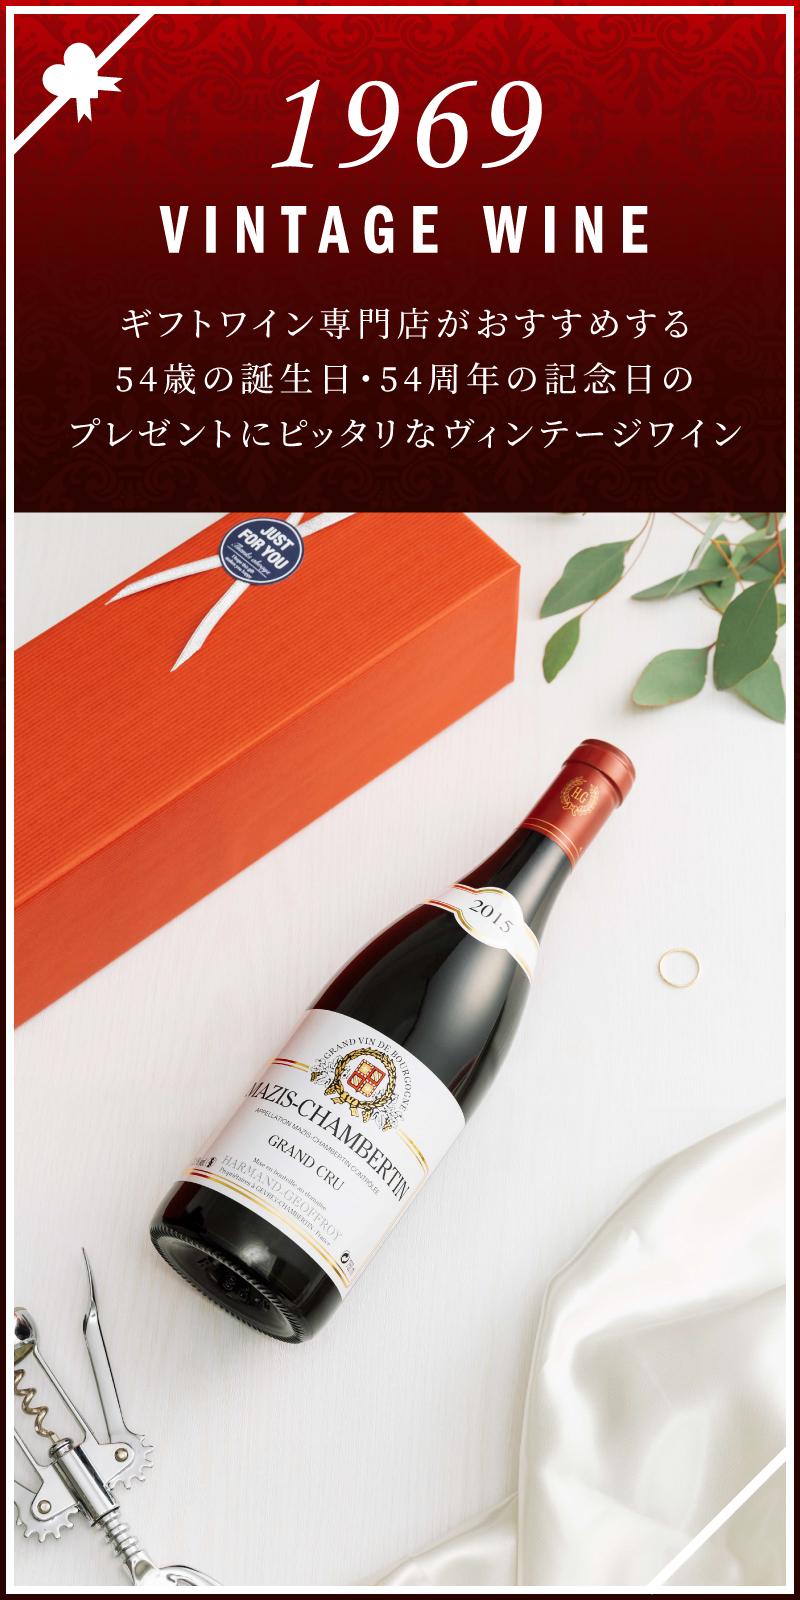 1969年のワインを販売 51歳の誕生日&51周年記念のプレゼント【ワイン ...